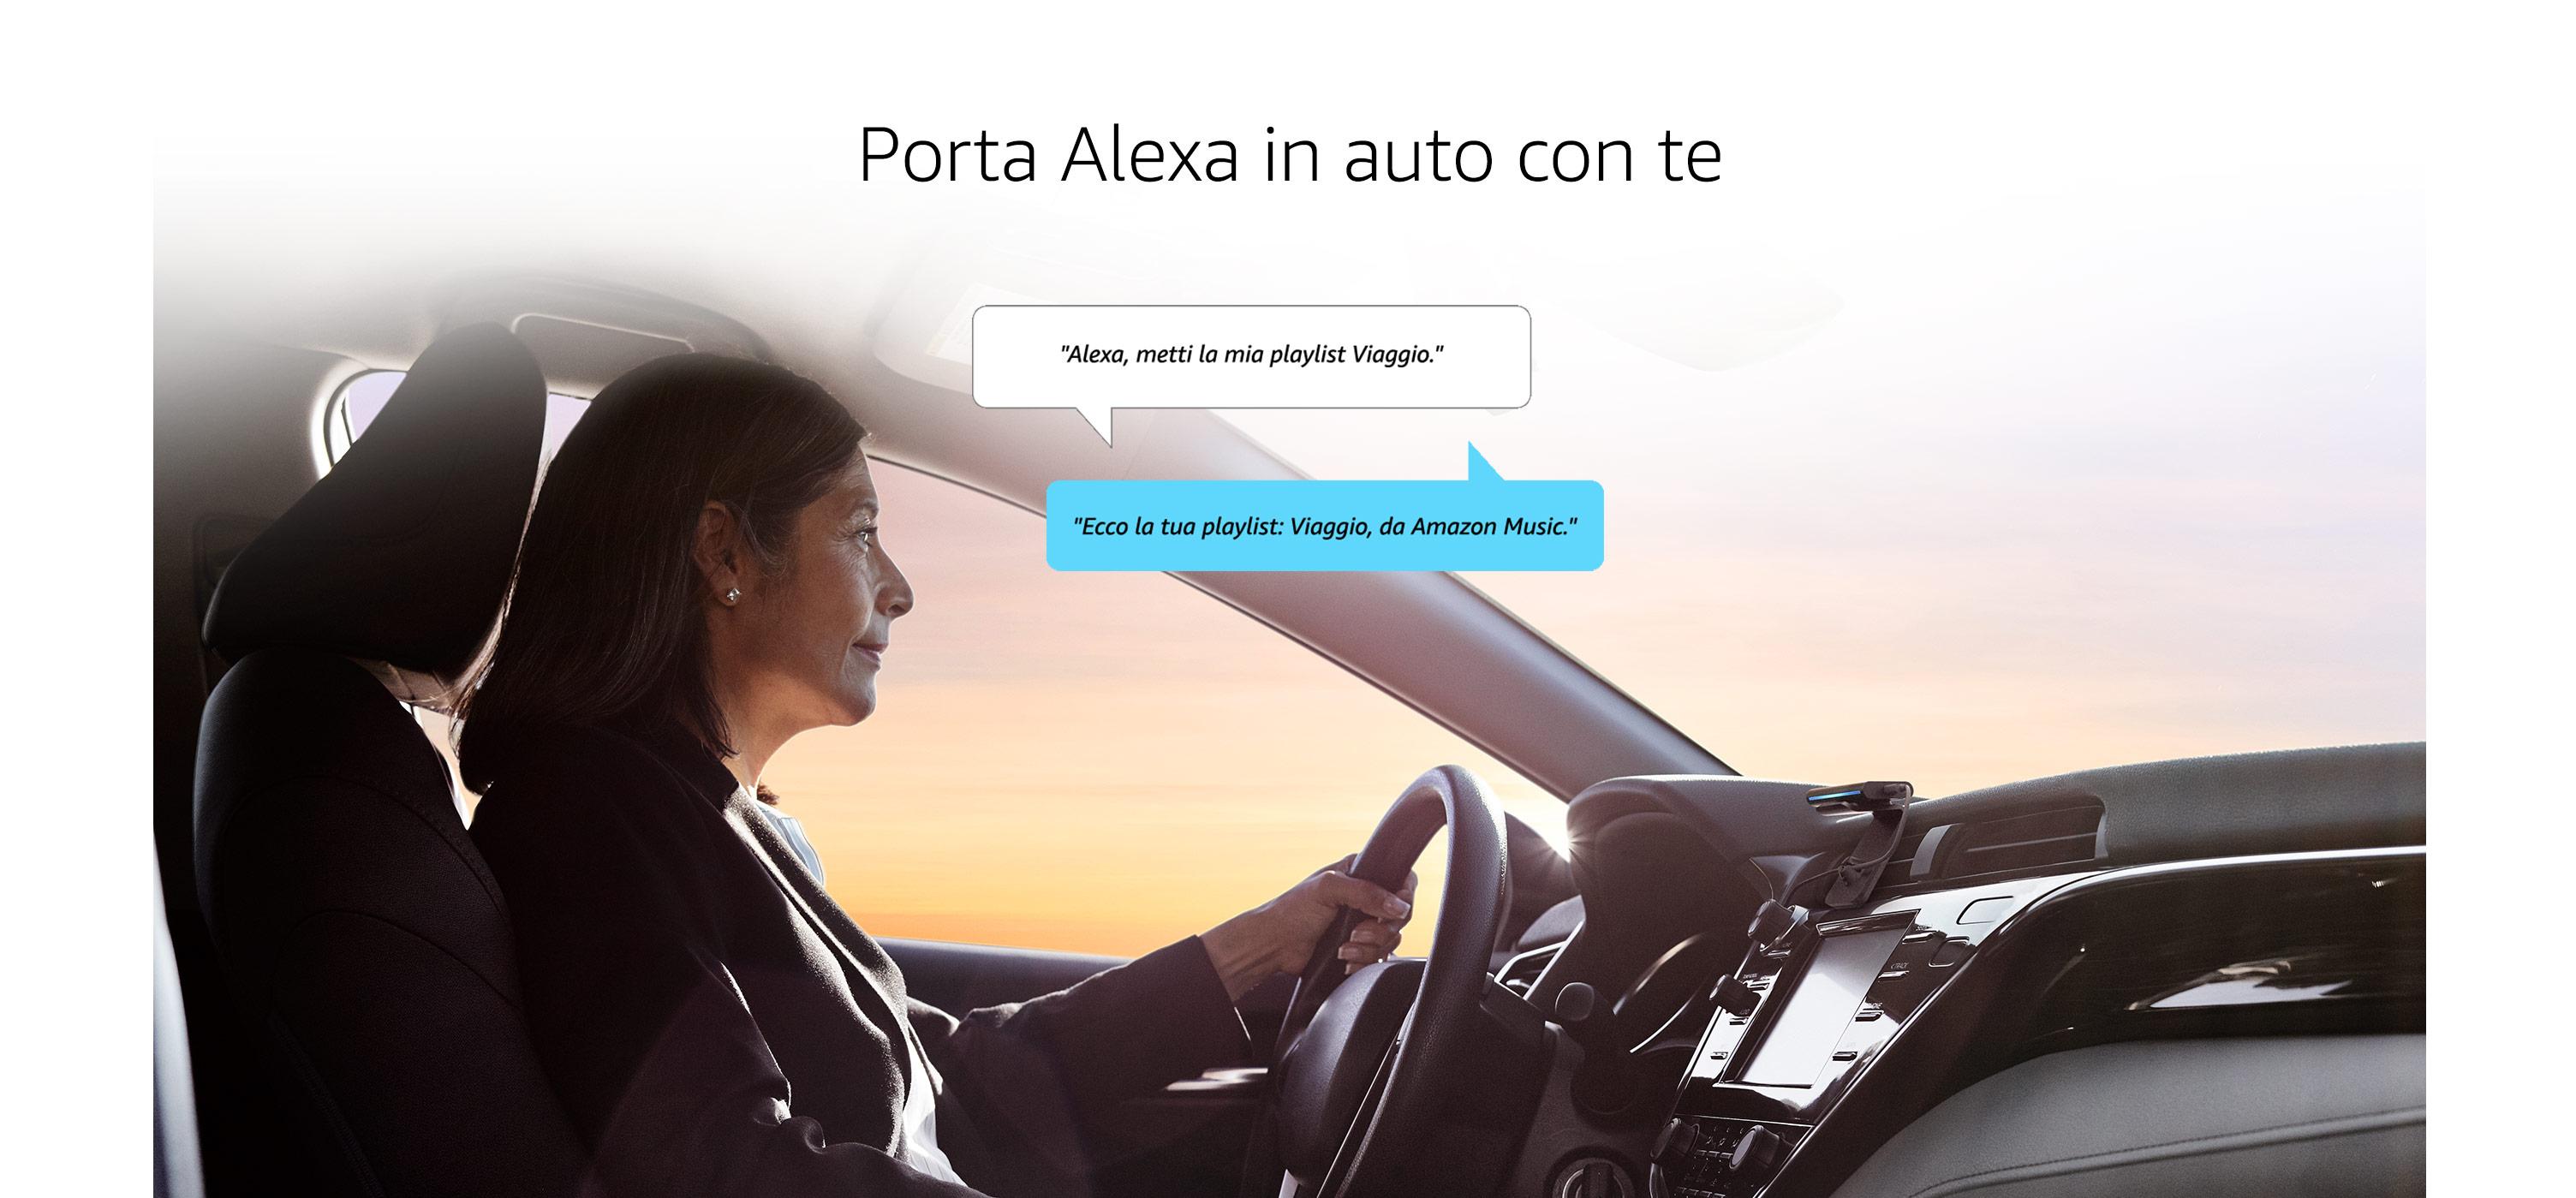 Porta Alexa in auto con te